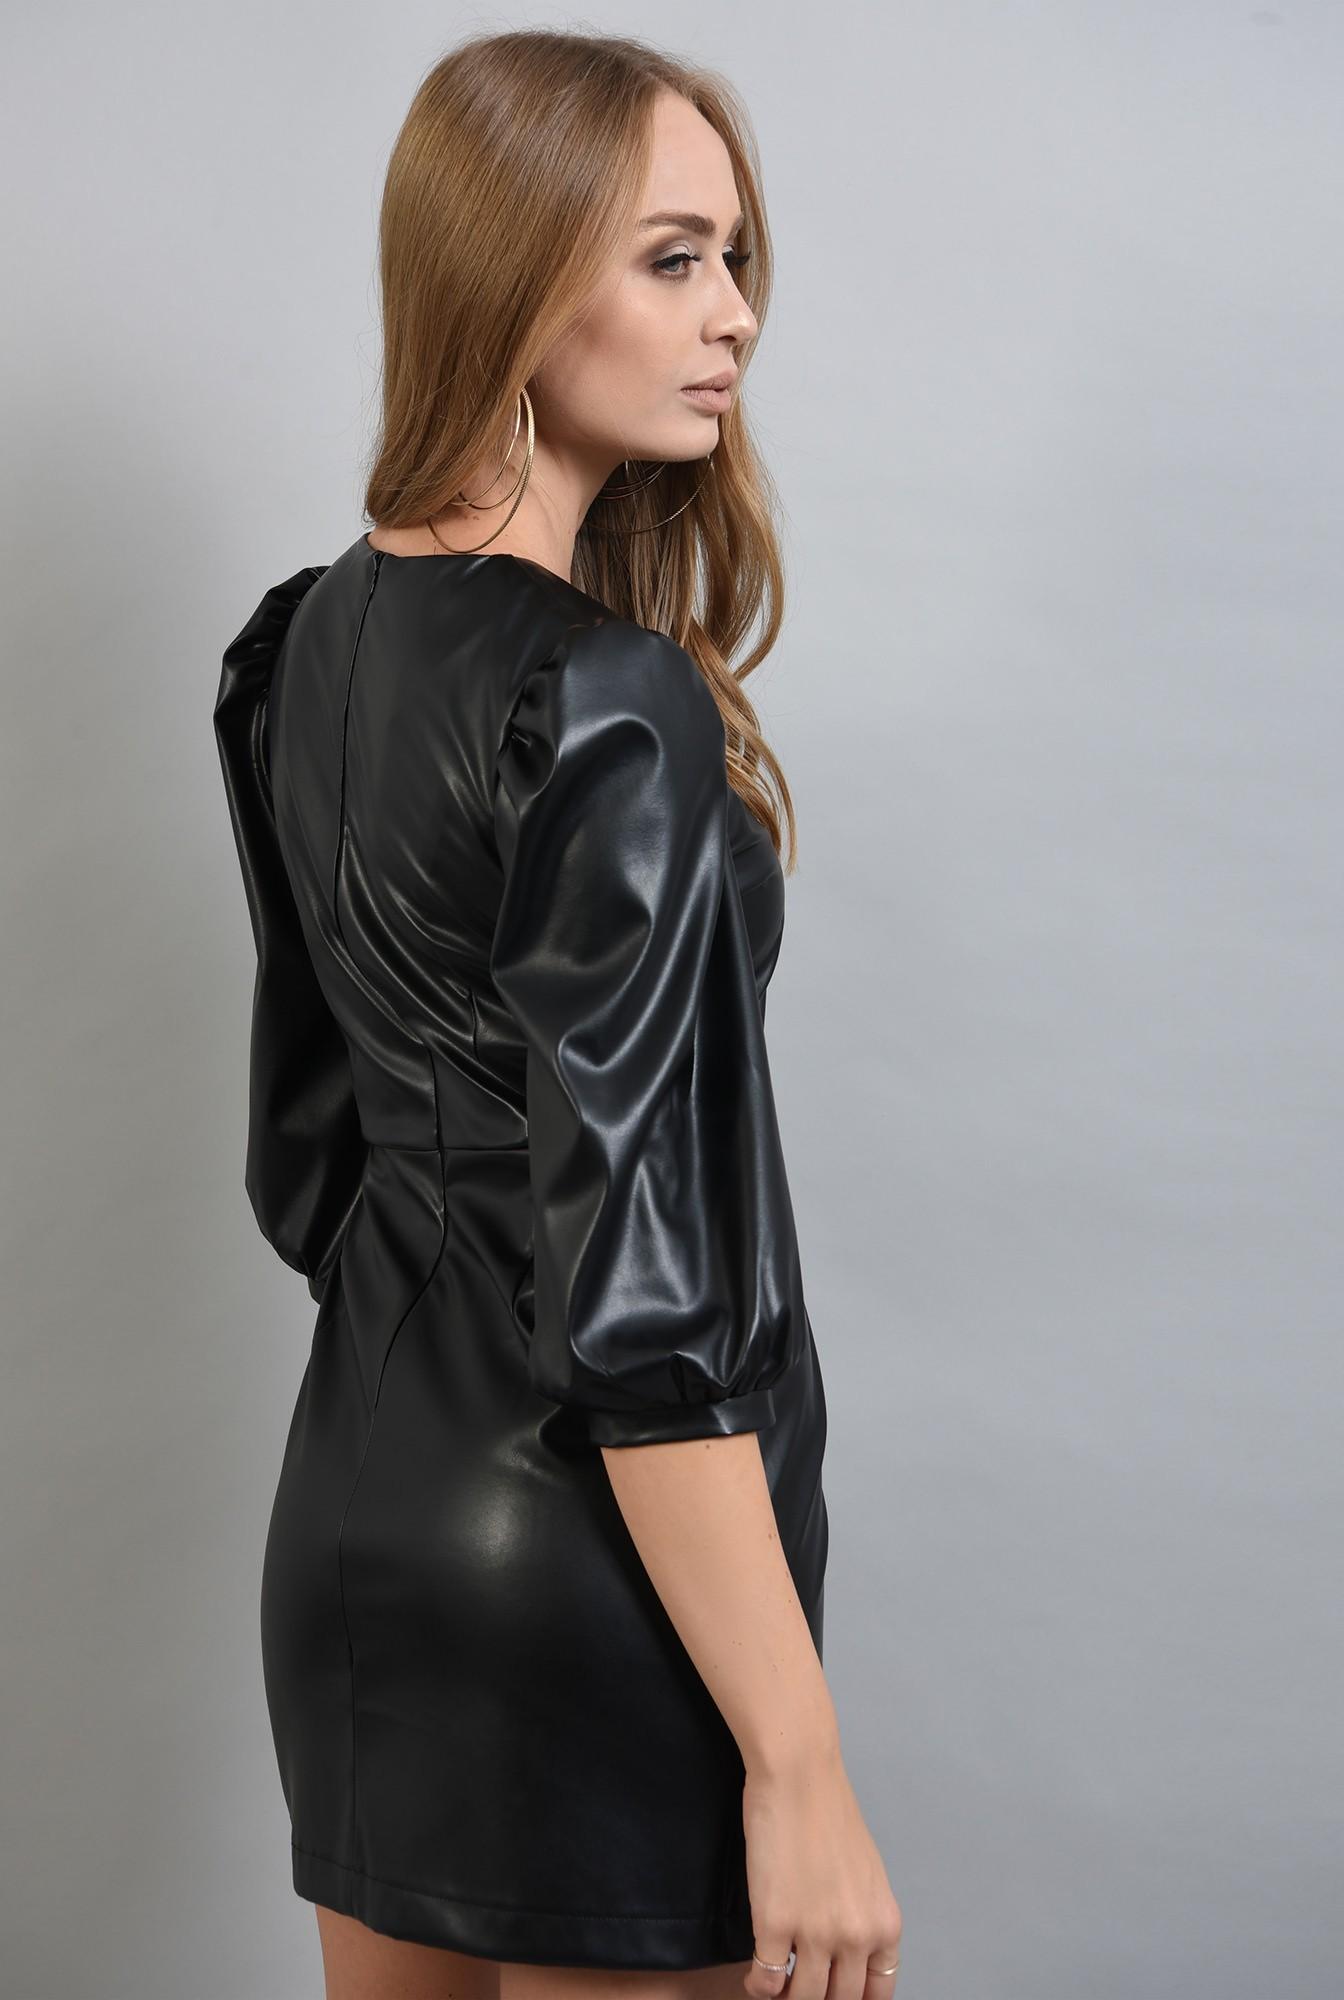 1 - rochie din piele eco, neagra, Poema